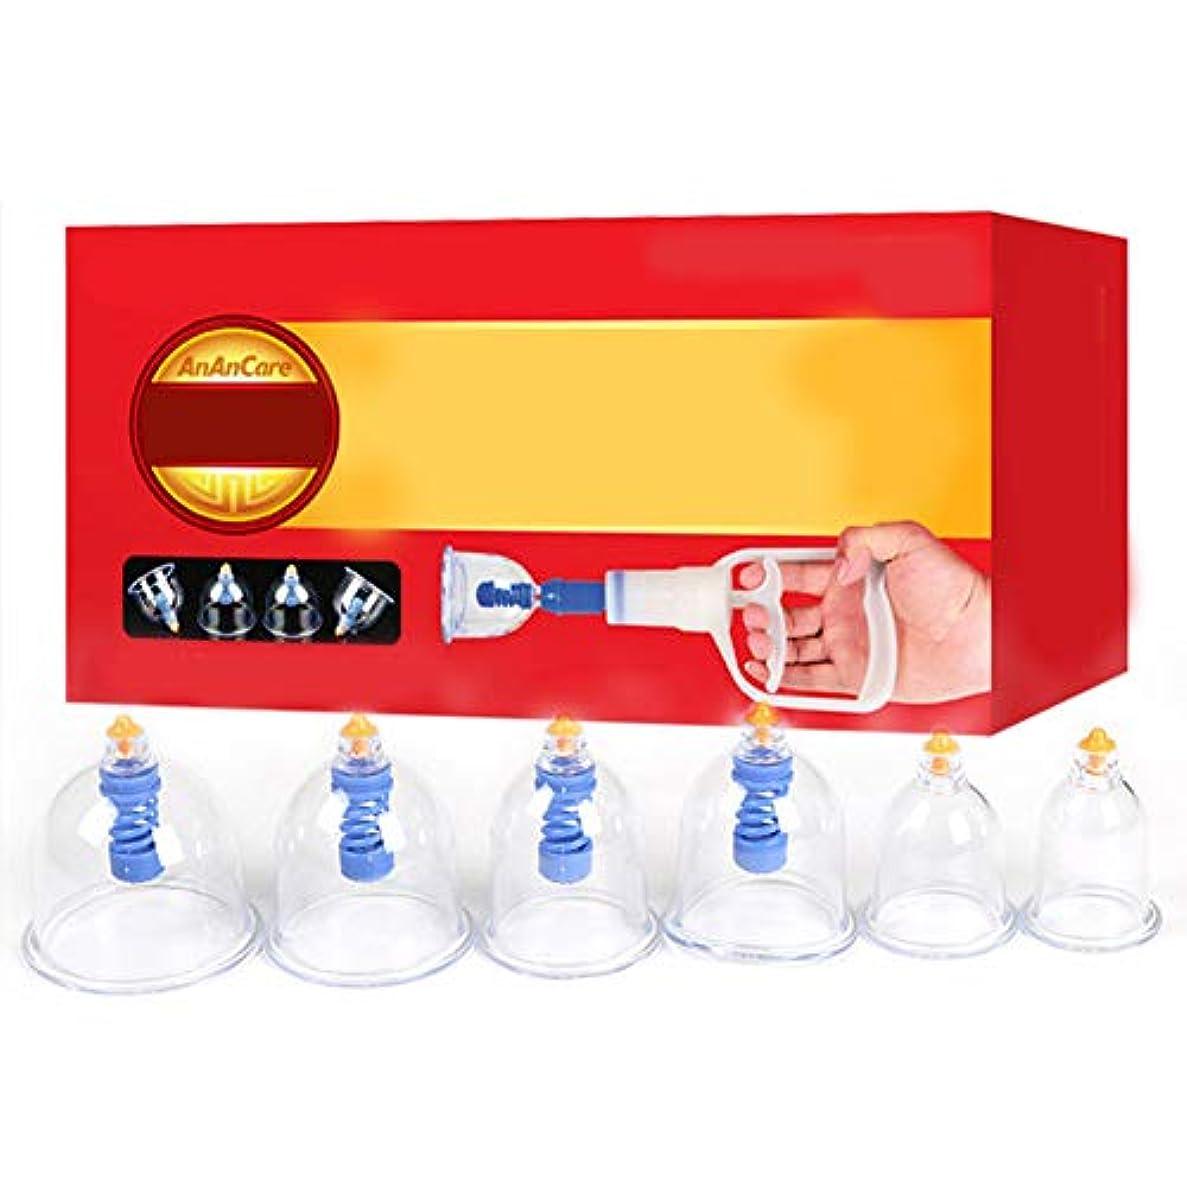 尊敬おびえた銀行6カップマッサージカッピングセット、真空吸引式中国式ツボ療法、在宅医療、女性と男性用、ポンプガンによるストレスと筋肉の緩和